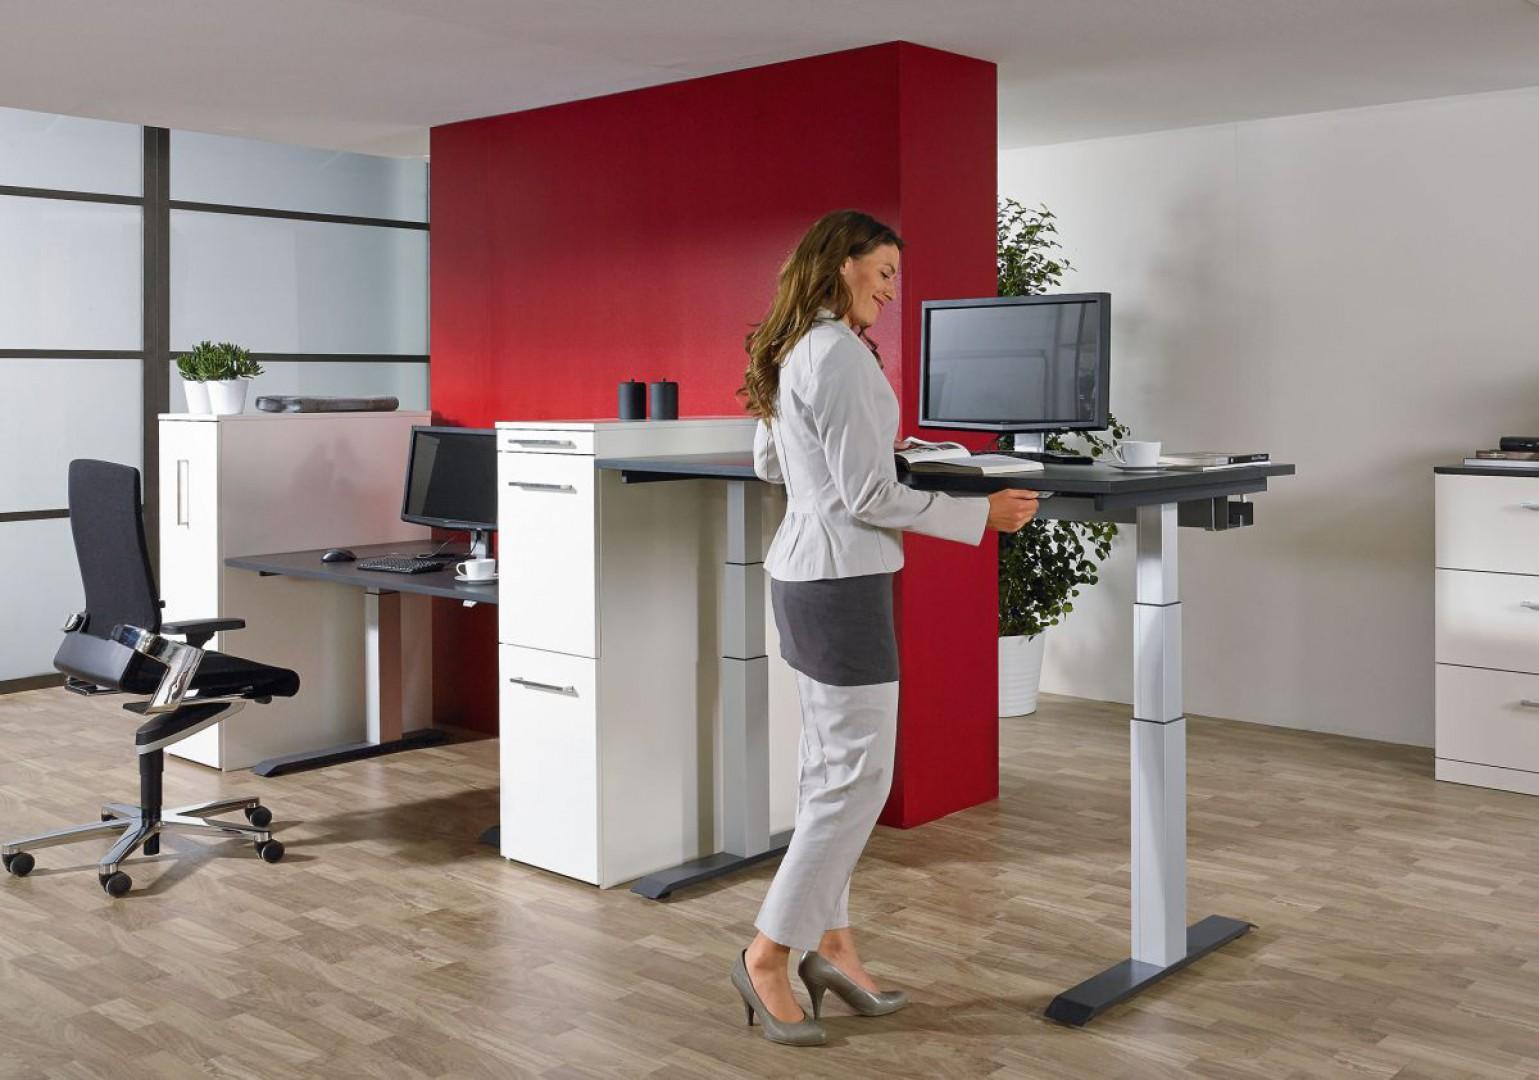 Biurka z regulowaną wysokością blatu umożliwiają pracę zarówno w pozycji siedzącej, jak i stojącej. Fot. Hettich